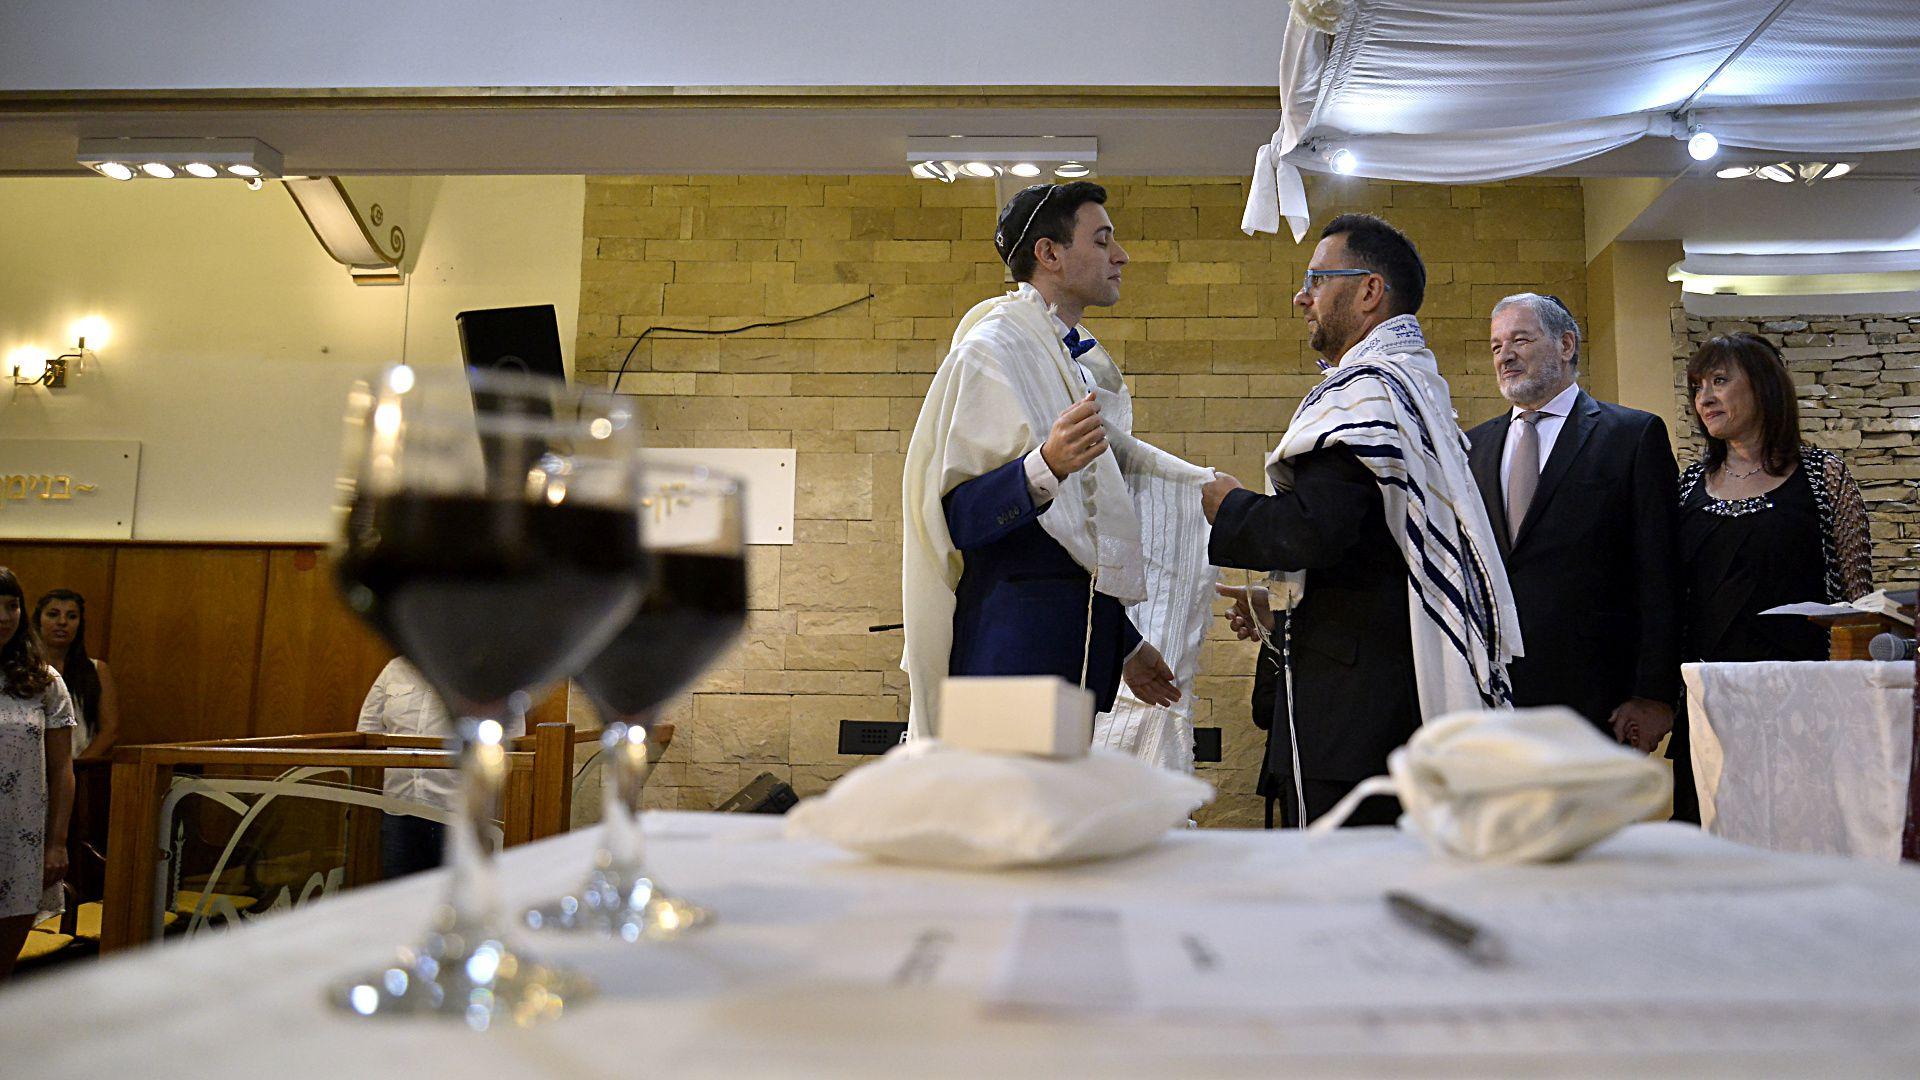 El rabino le coloca a Nicolás el talit (manto), que forma parte de uno de los momentos icónicos de la celebración judía